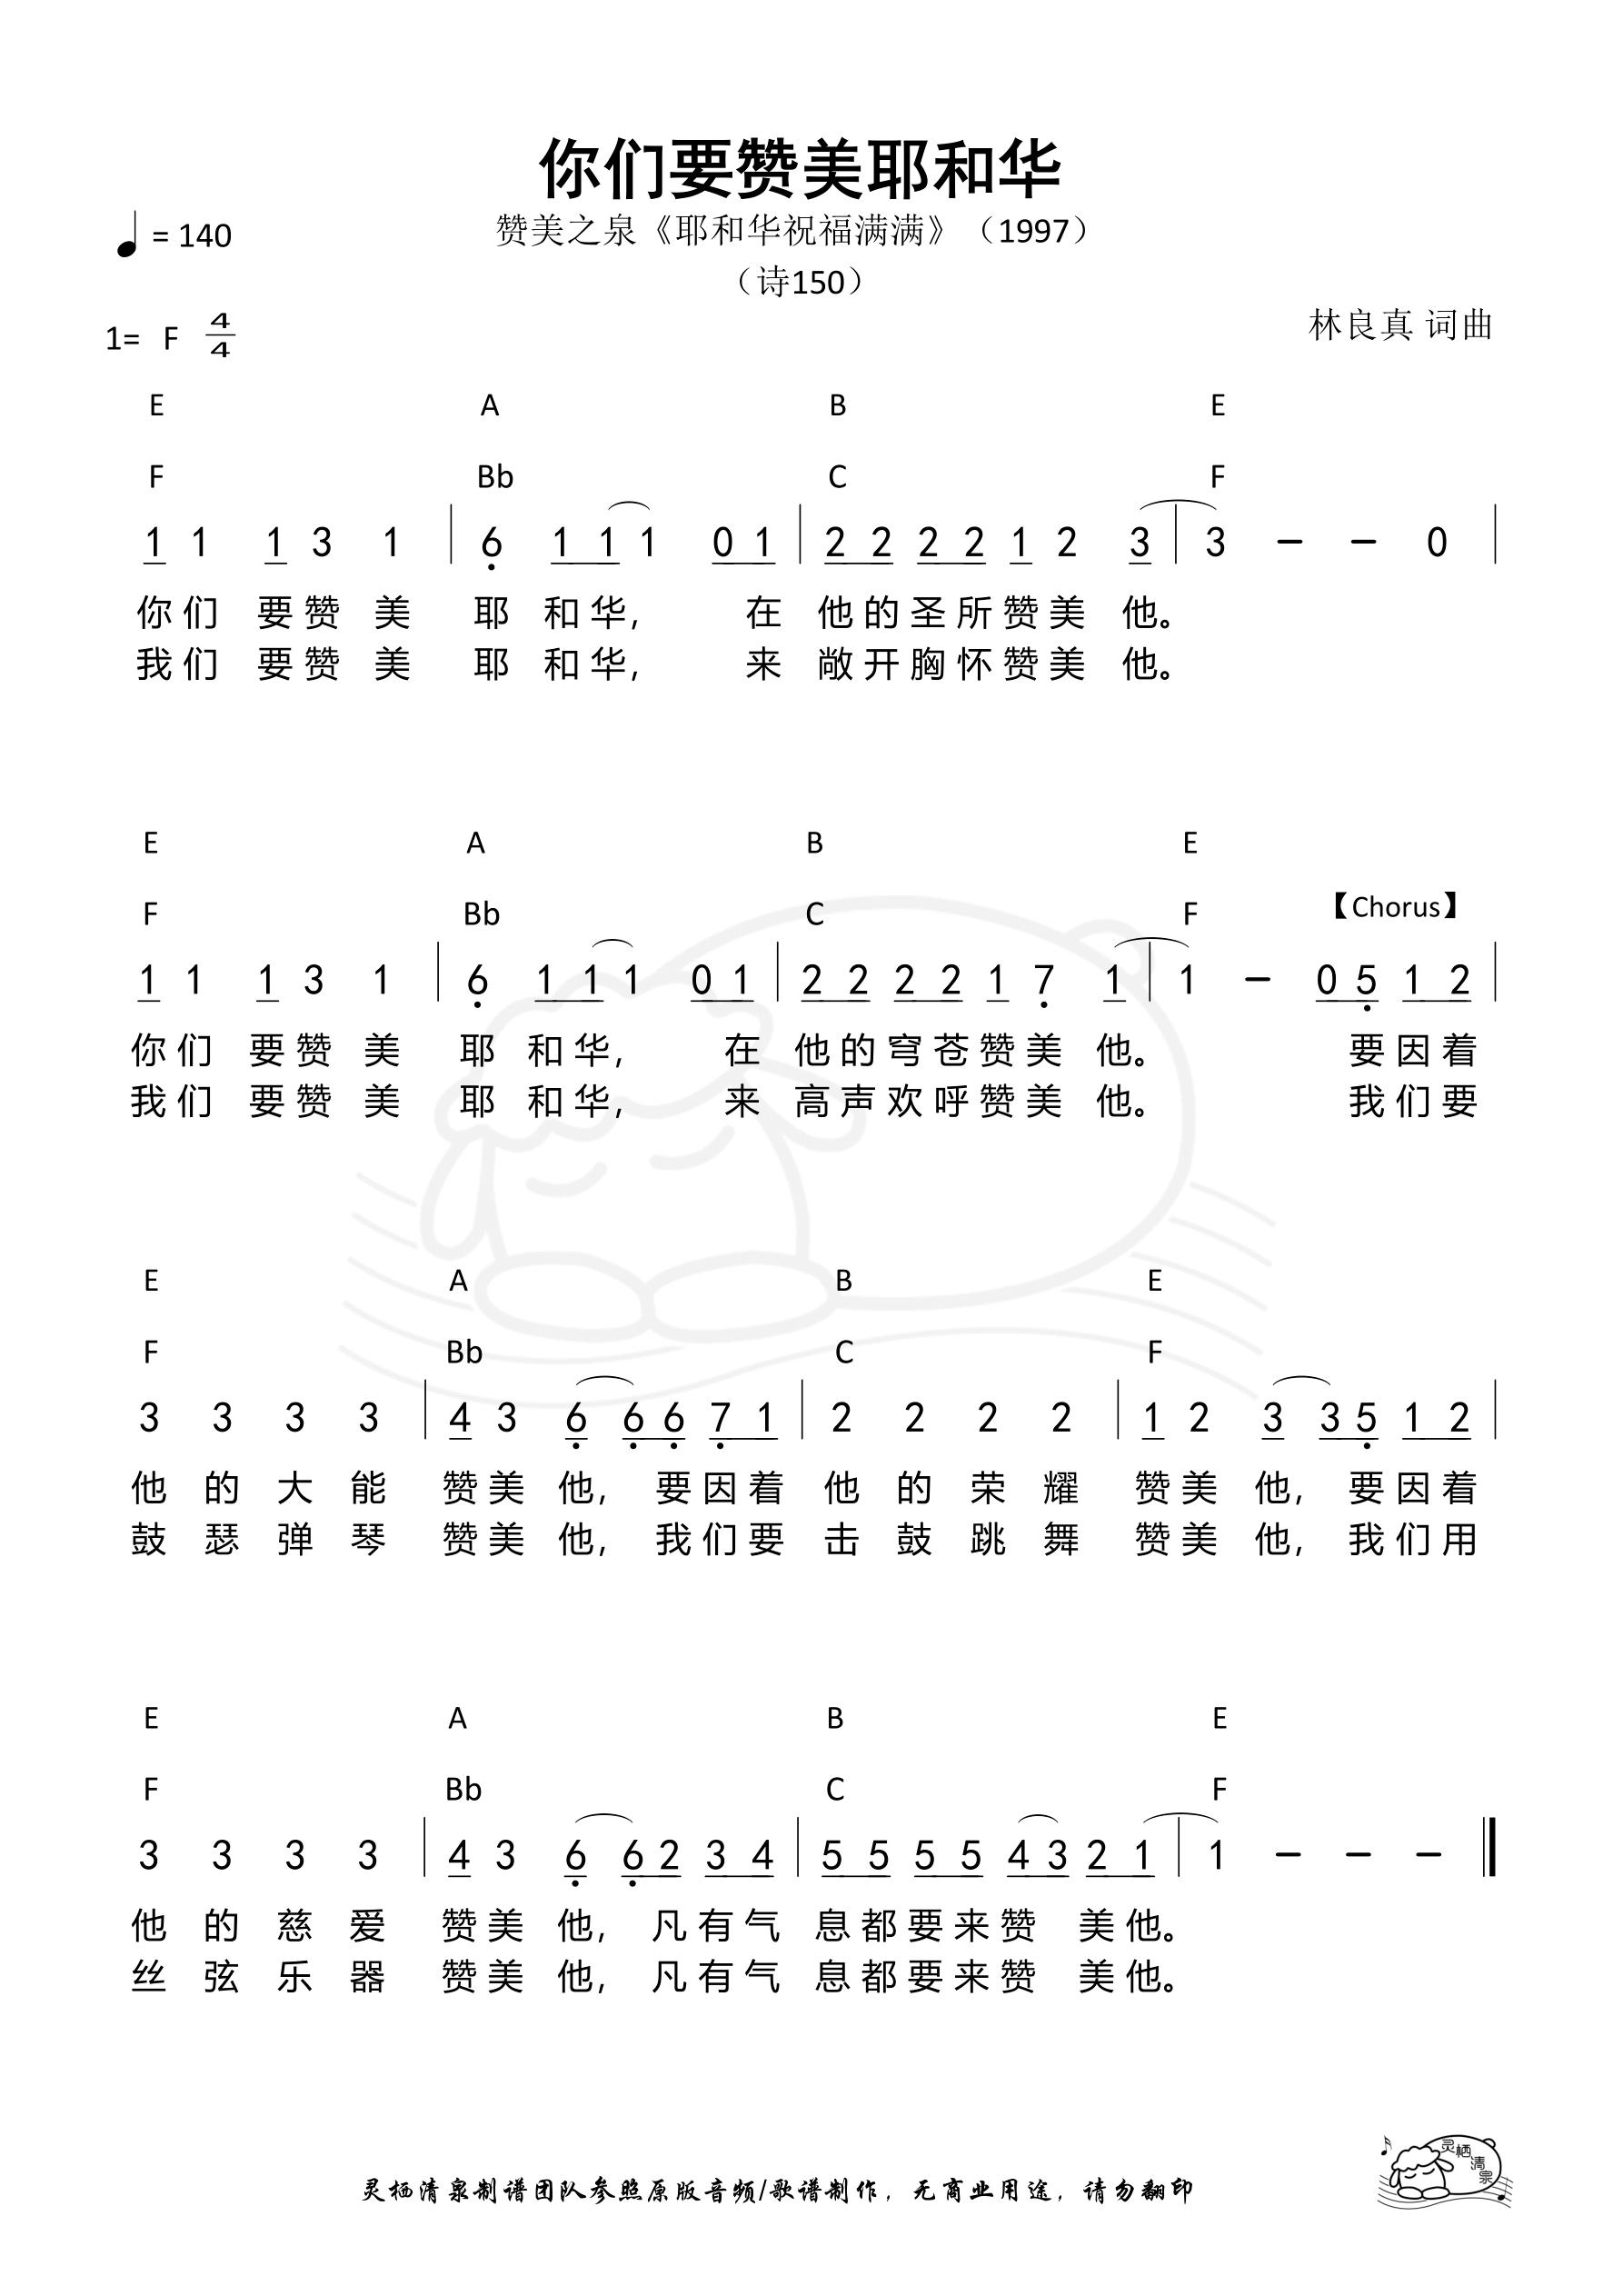 《第13首 - 你们要赞美耶和华(赞美之泉)和弦简谱》